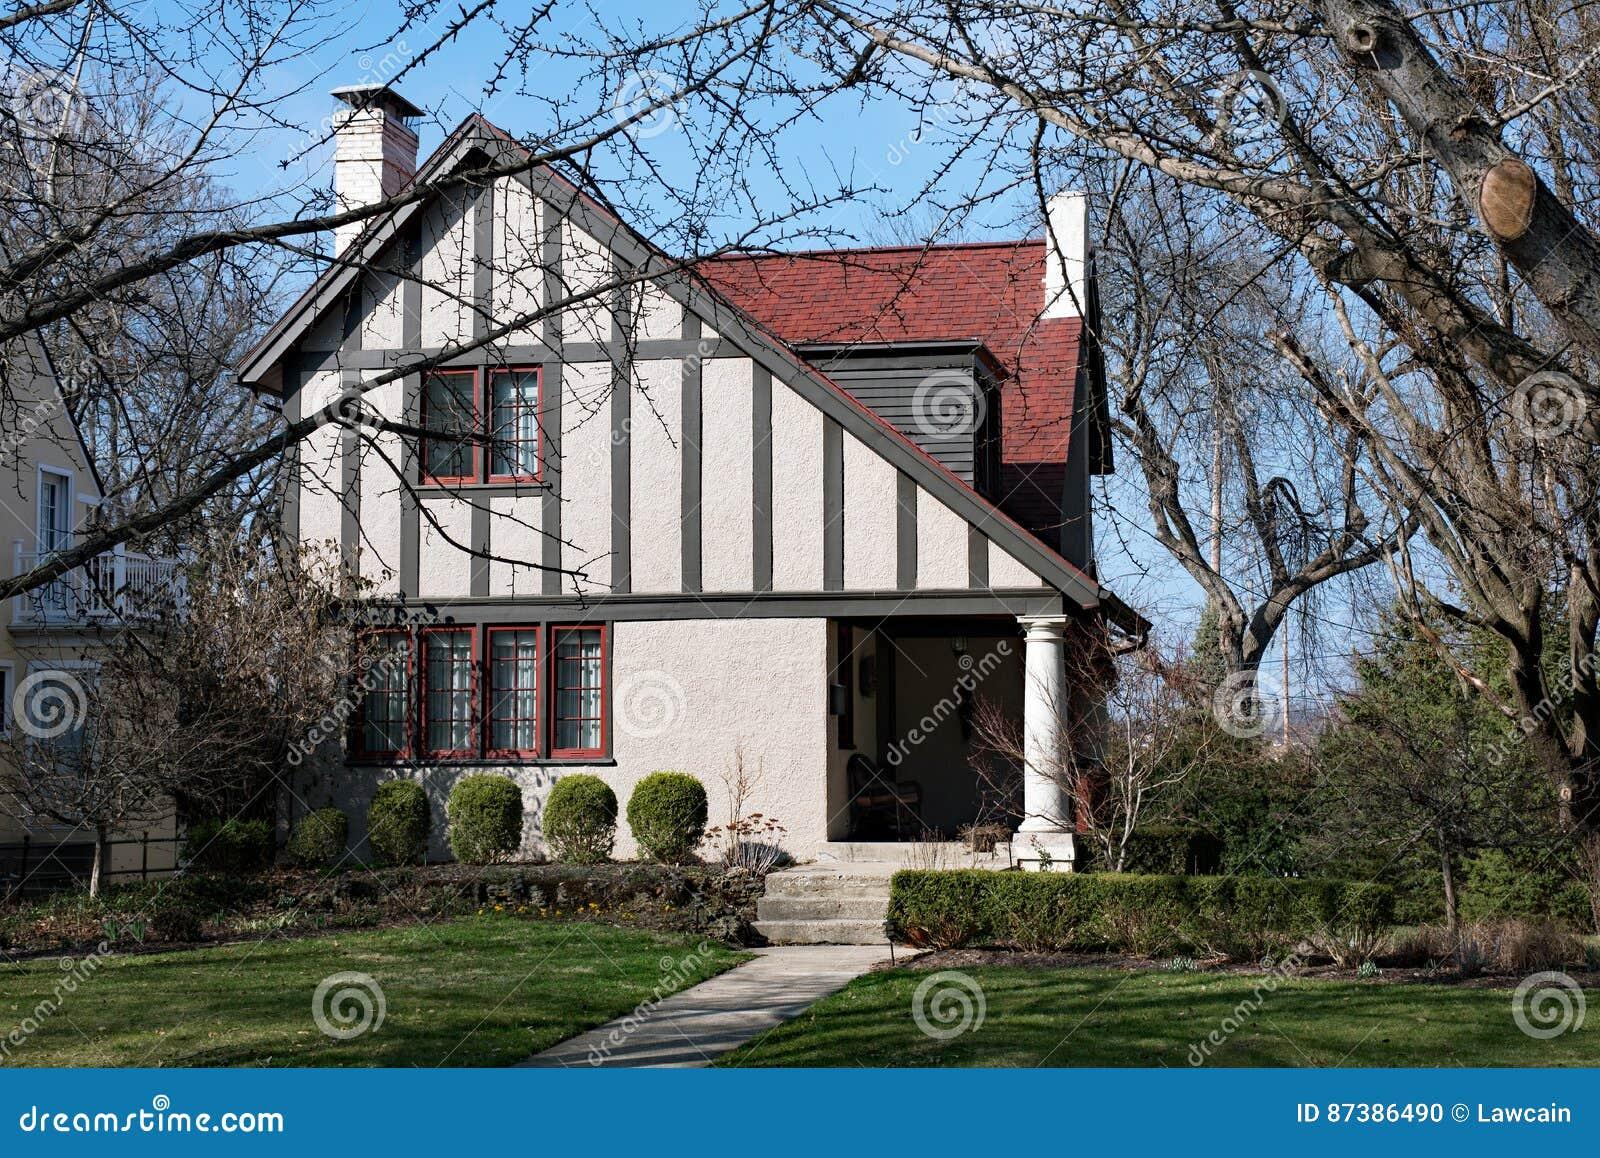 Hauschen Mit Schrag Gelegenem Dach Stockfoto Bild Von Frontseite